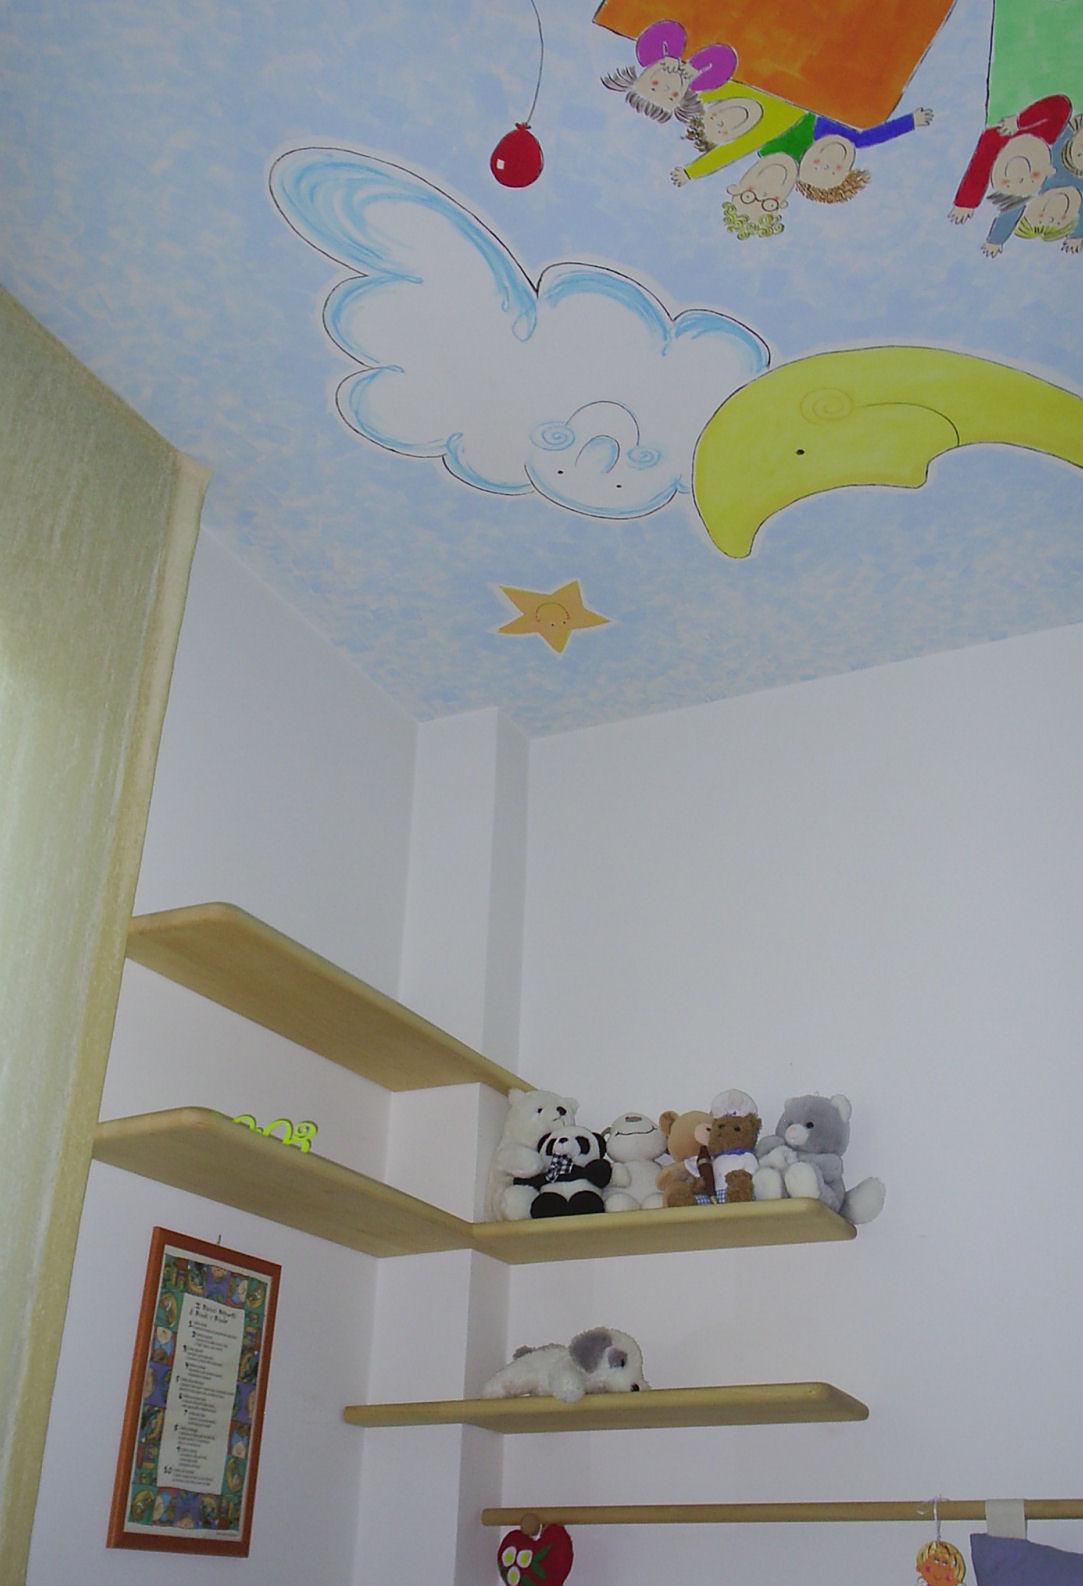 Decori cameretta neonato decorazione camera scatola - Decorazioni camera bimbi ...